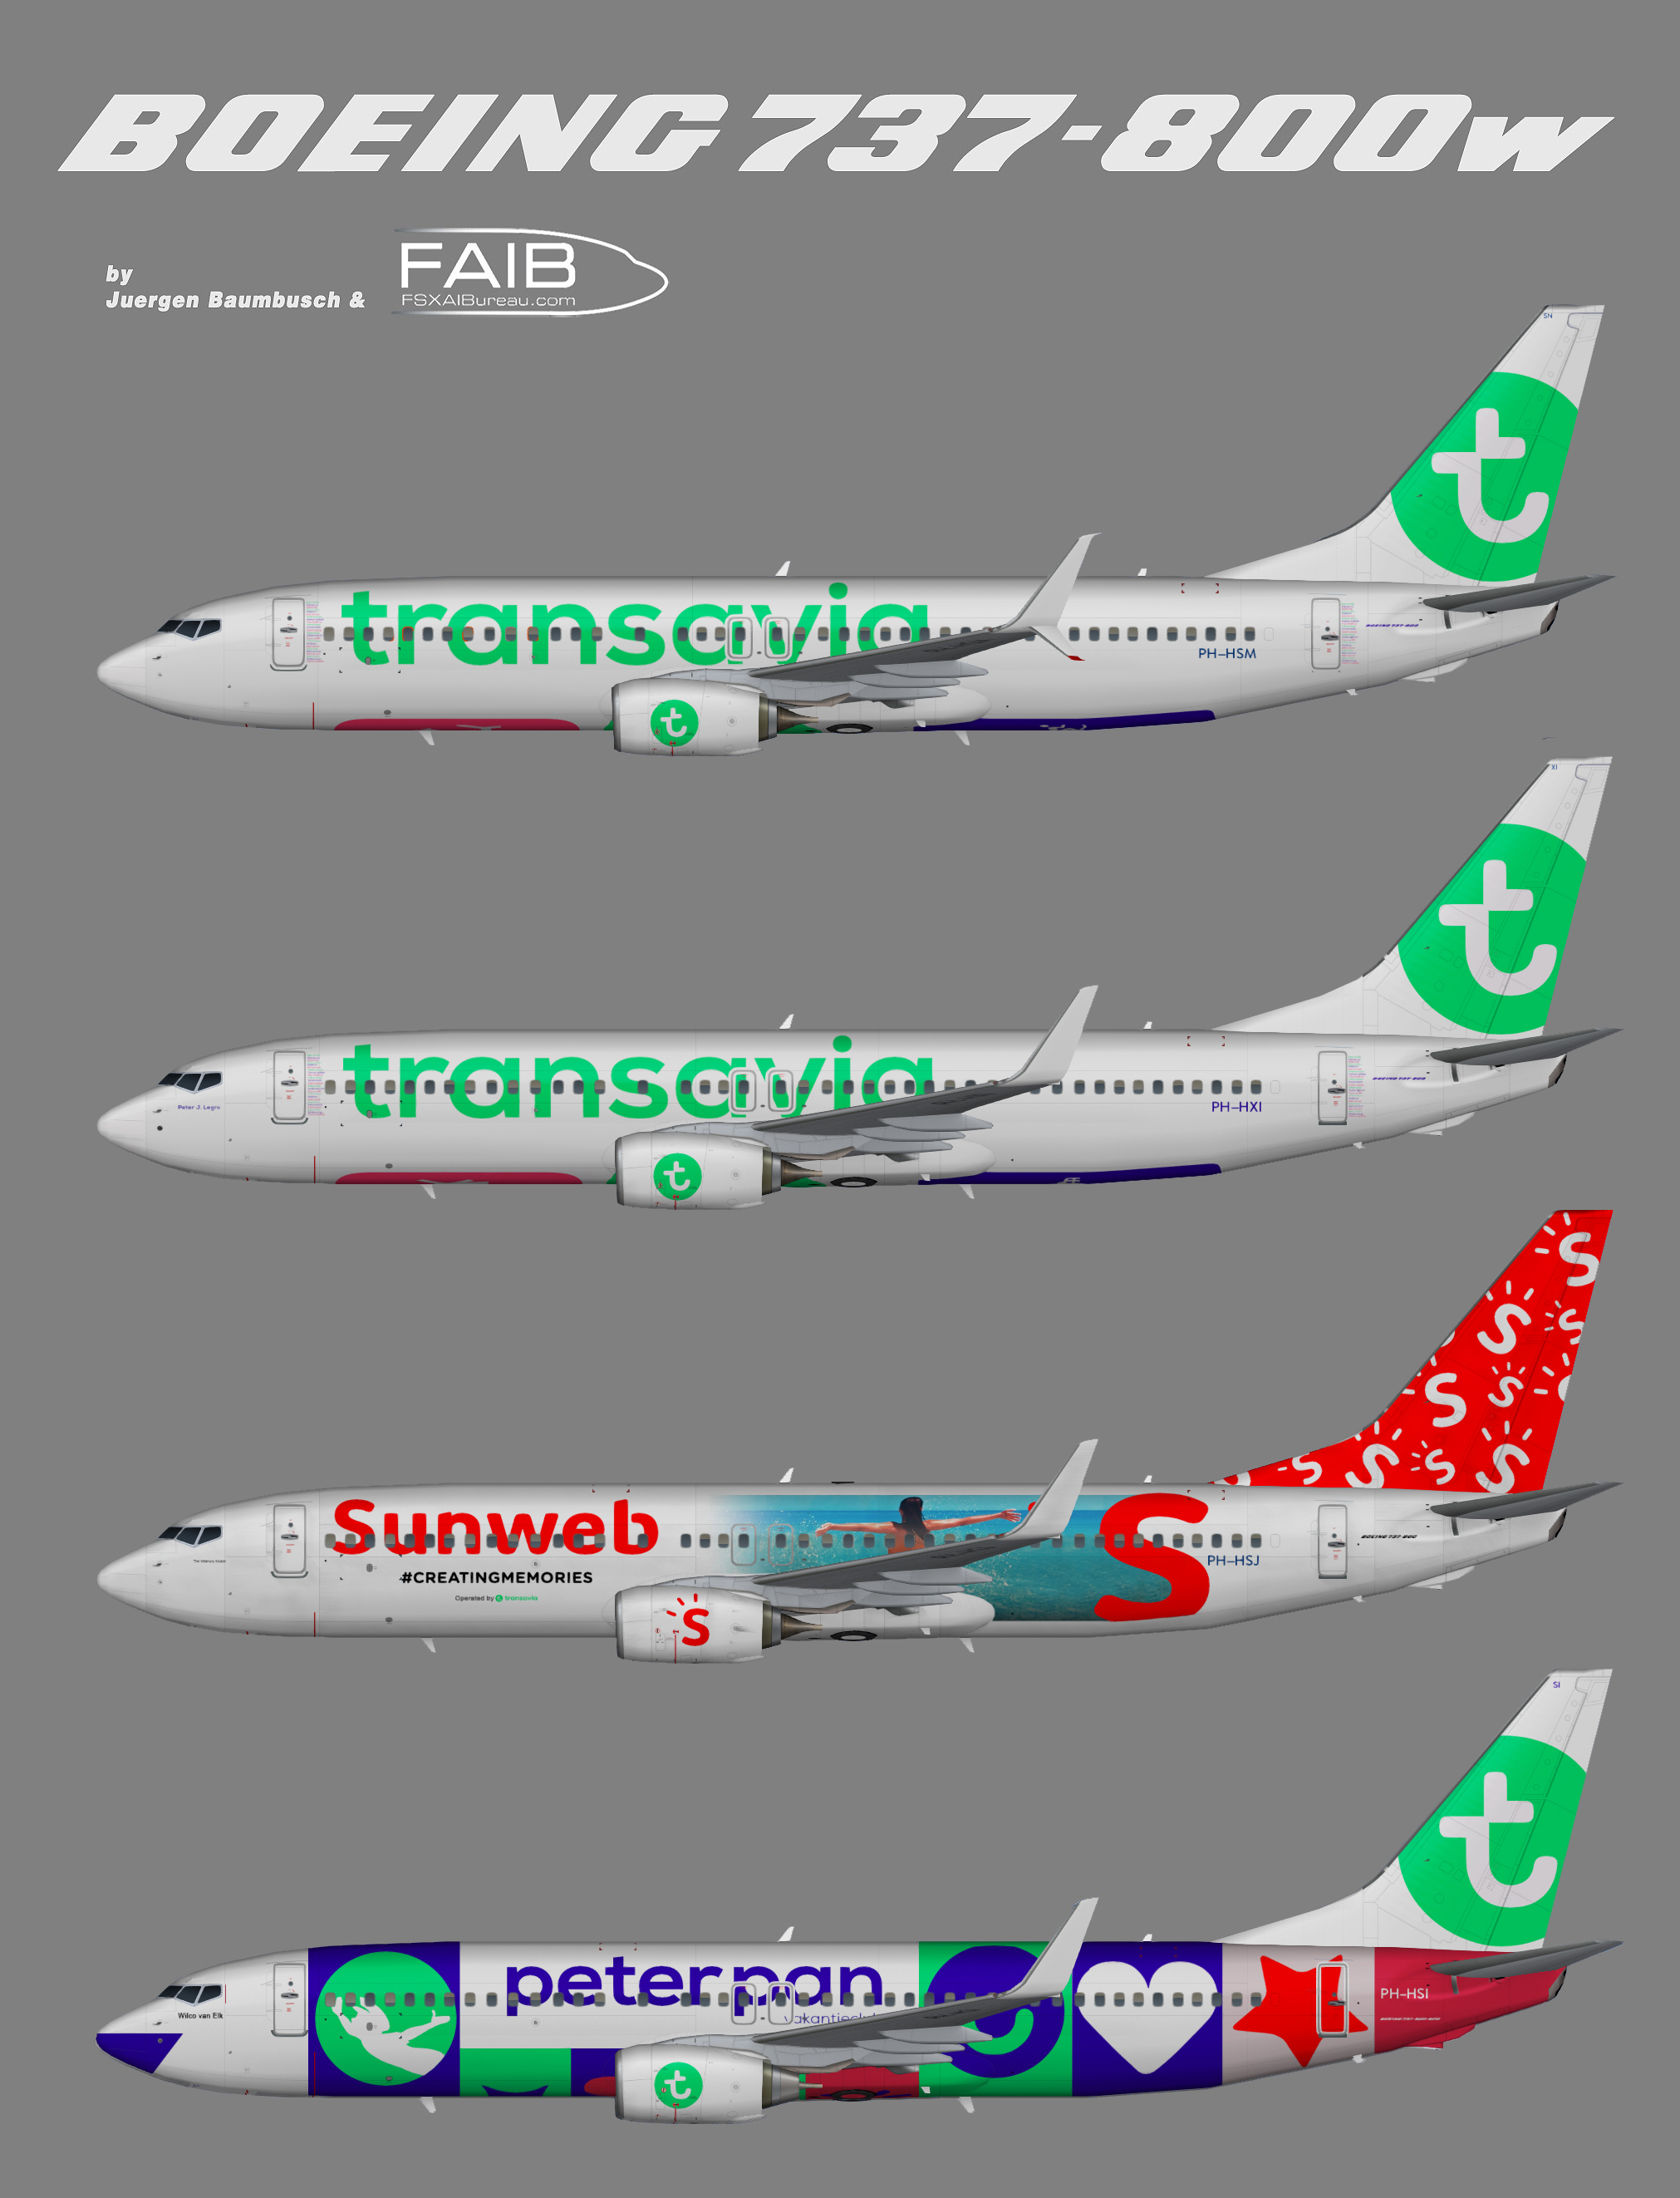 Transavia Boeing 737-800w